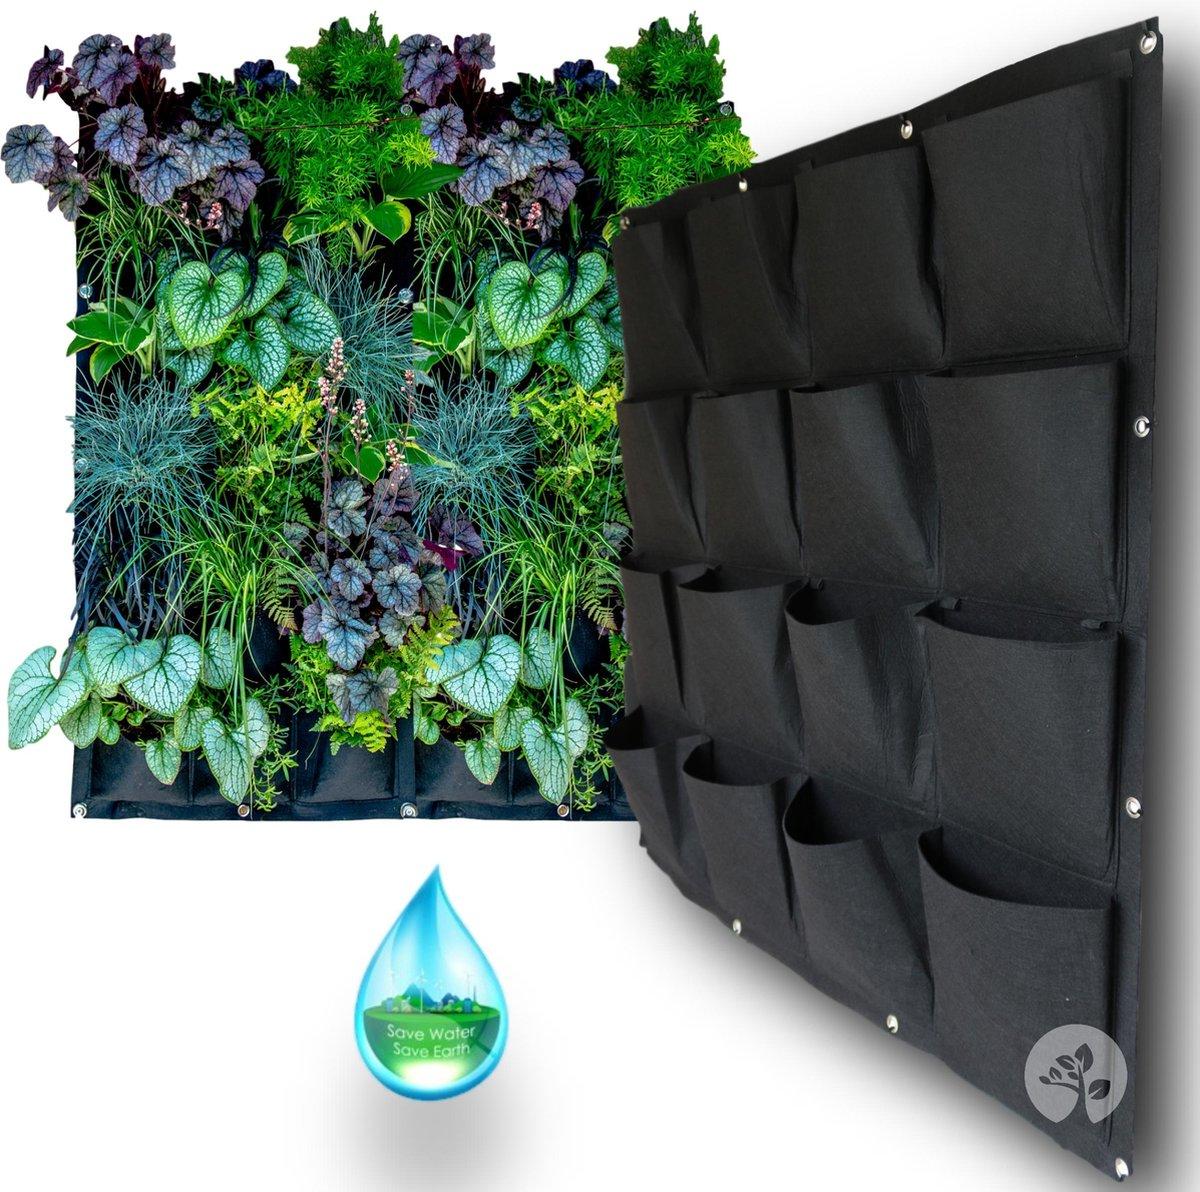 Verticale Tuin met Watersysteem - 16 grote vakken - Hangende Plantenzak - Moestuin - 1x1m